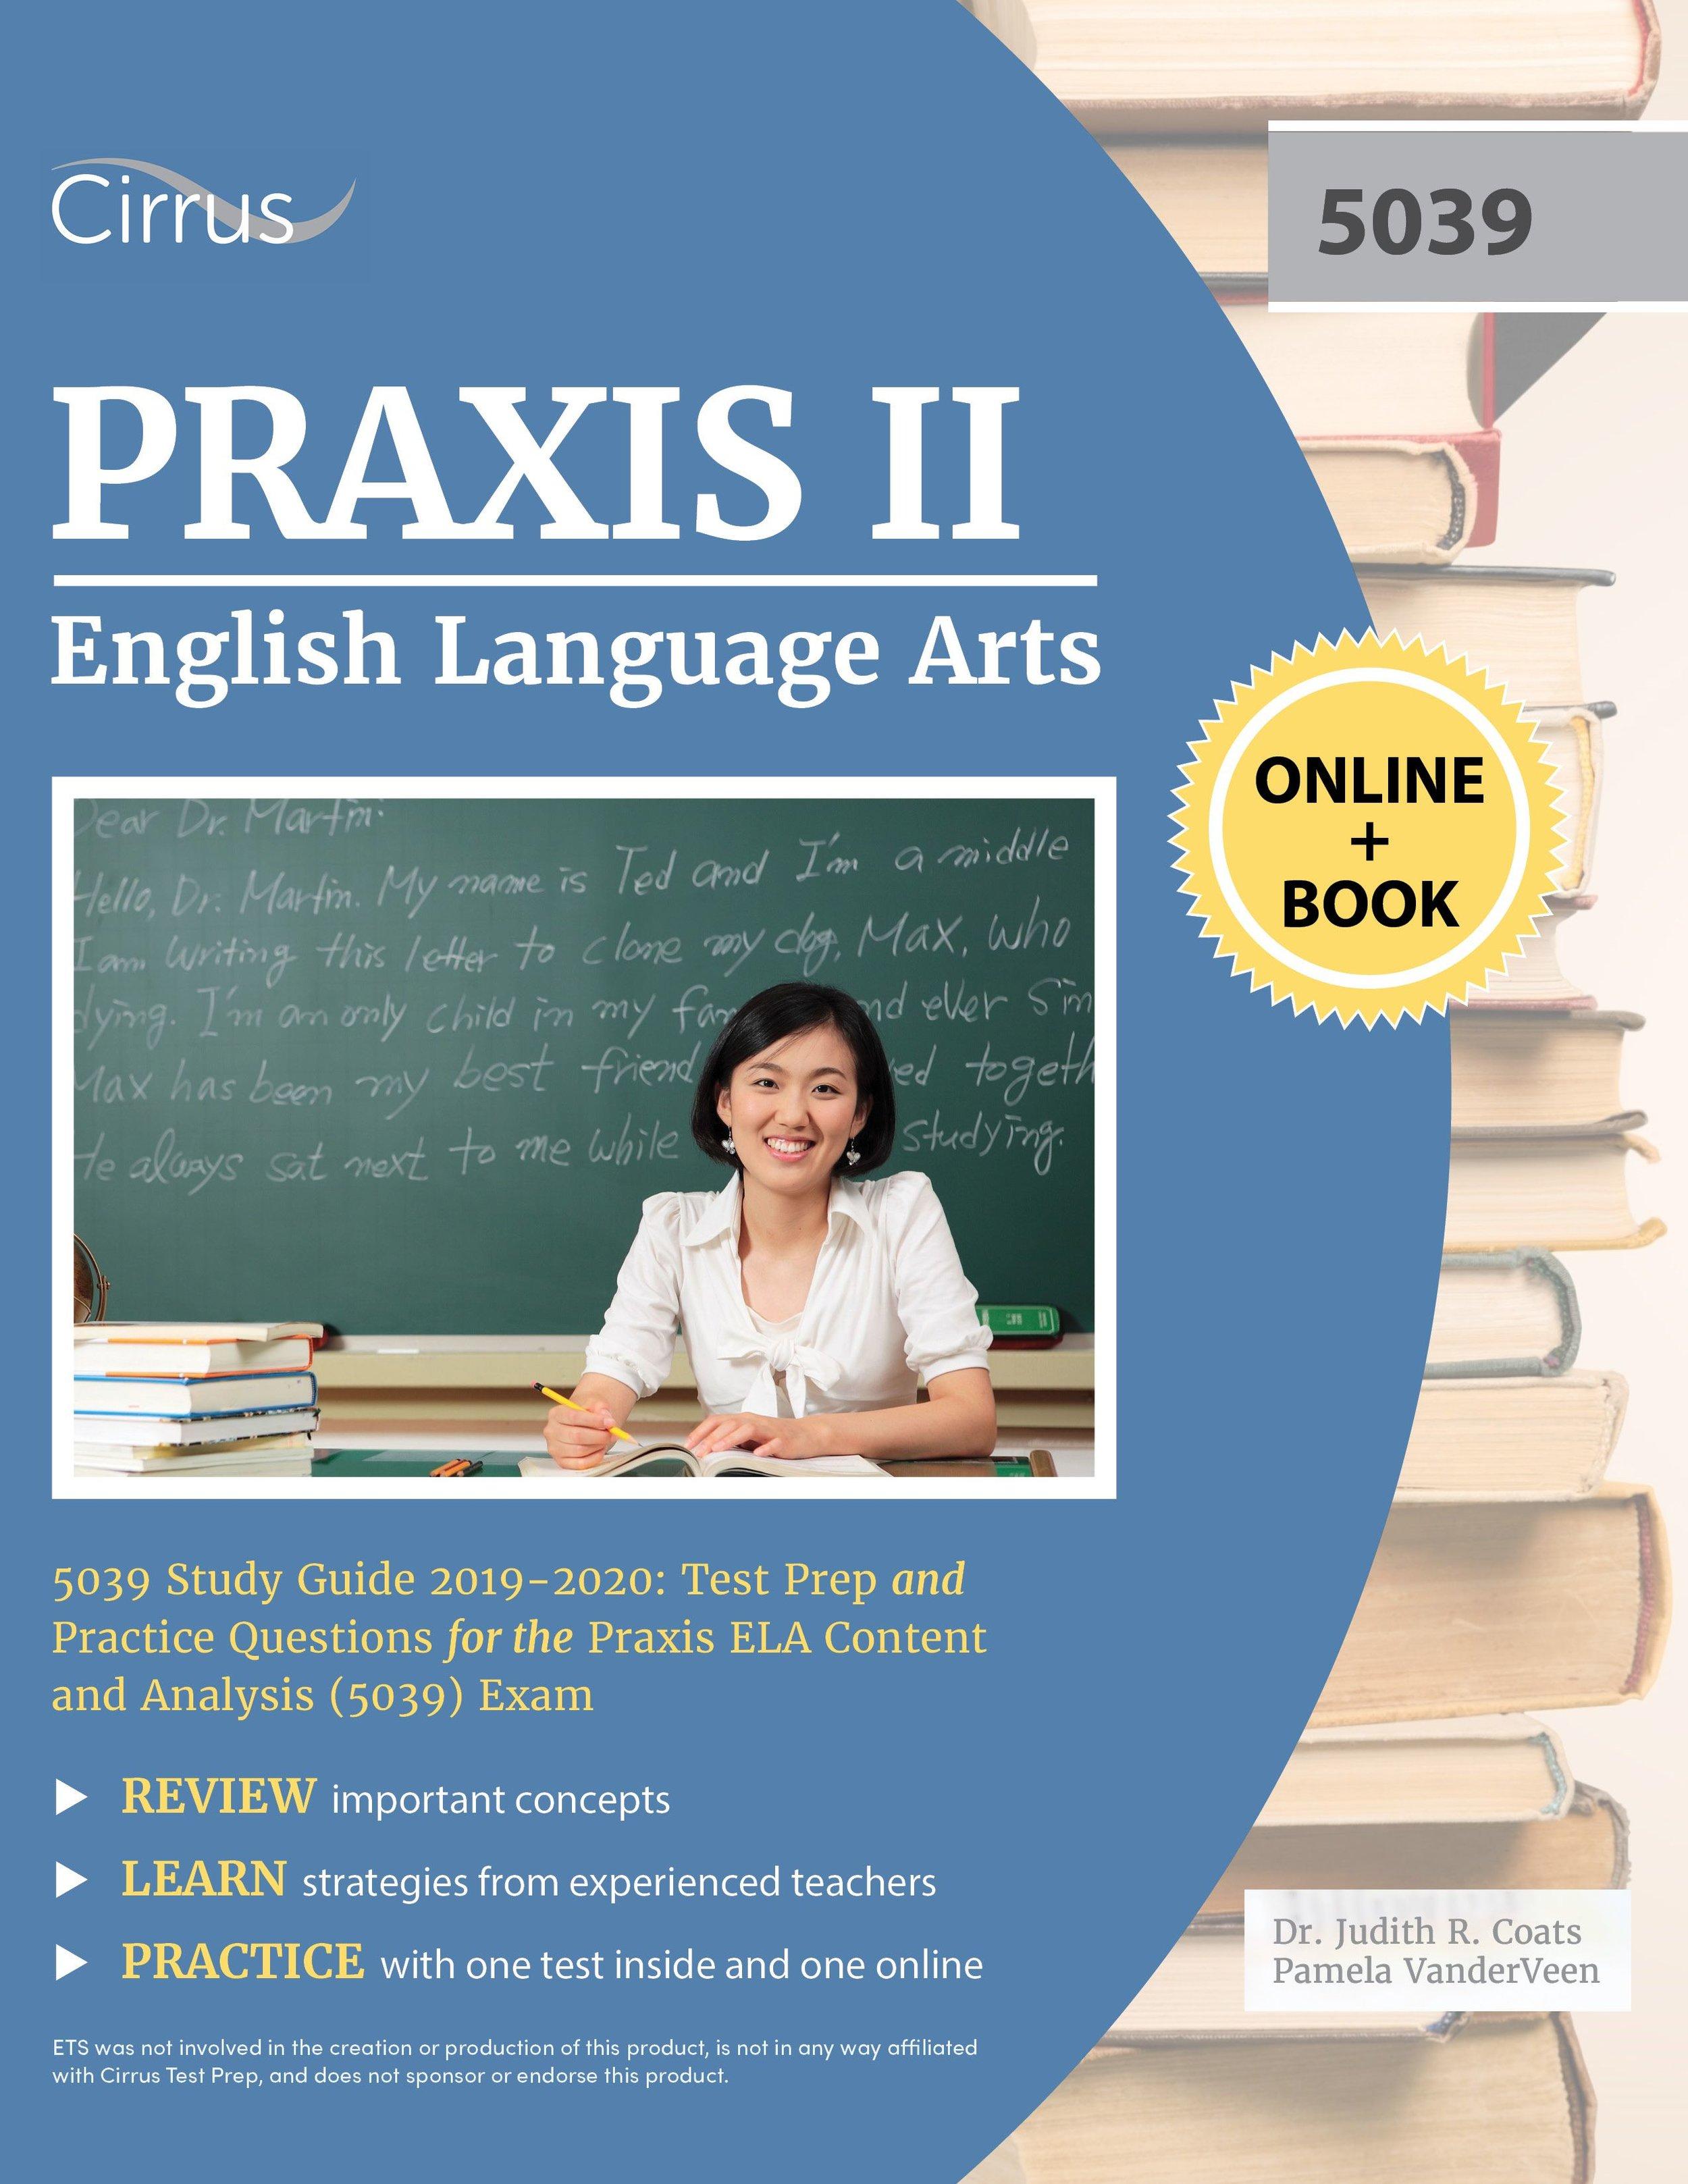 Praxis_5039_cover_website-compressor.jpg